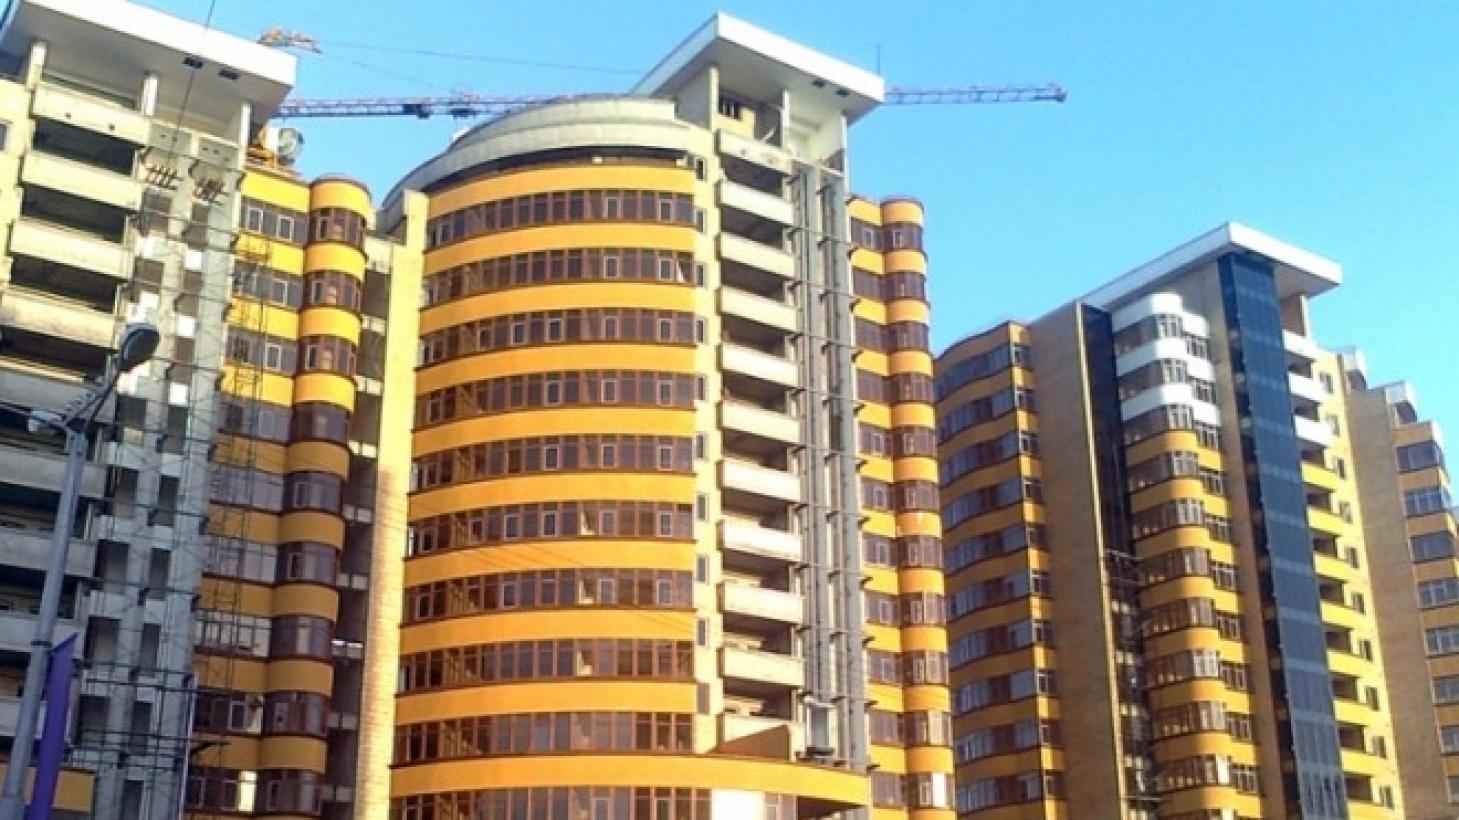 С 1 мая начнется распределение квартир для многодетных семей